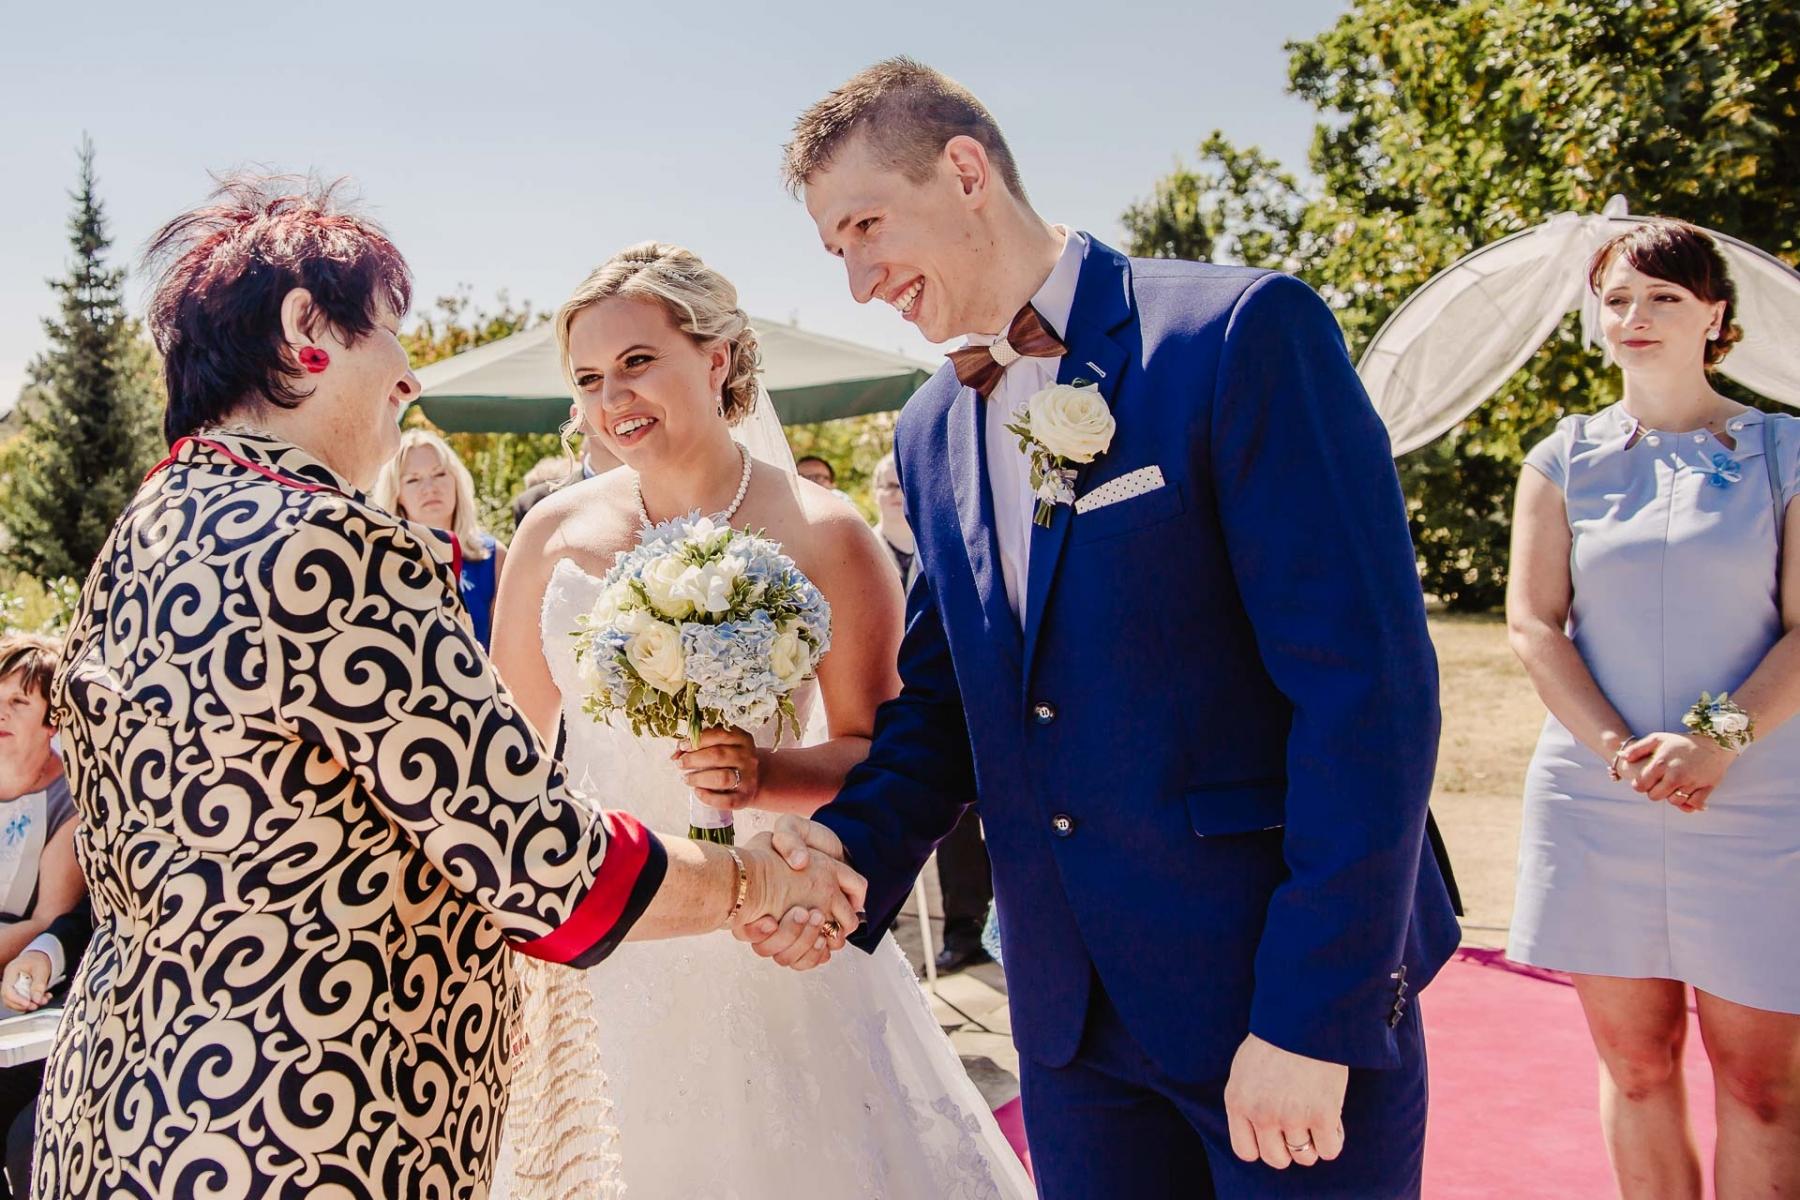 svatební fotograf zámek Mníšek pod Brdy, svatba na zámku, letní nejkrásnější zámecká svatba, Bára a Ondra-60